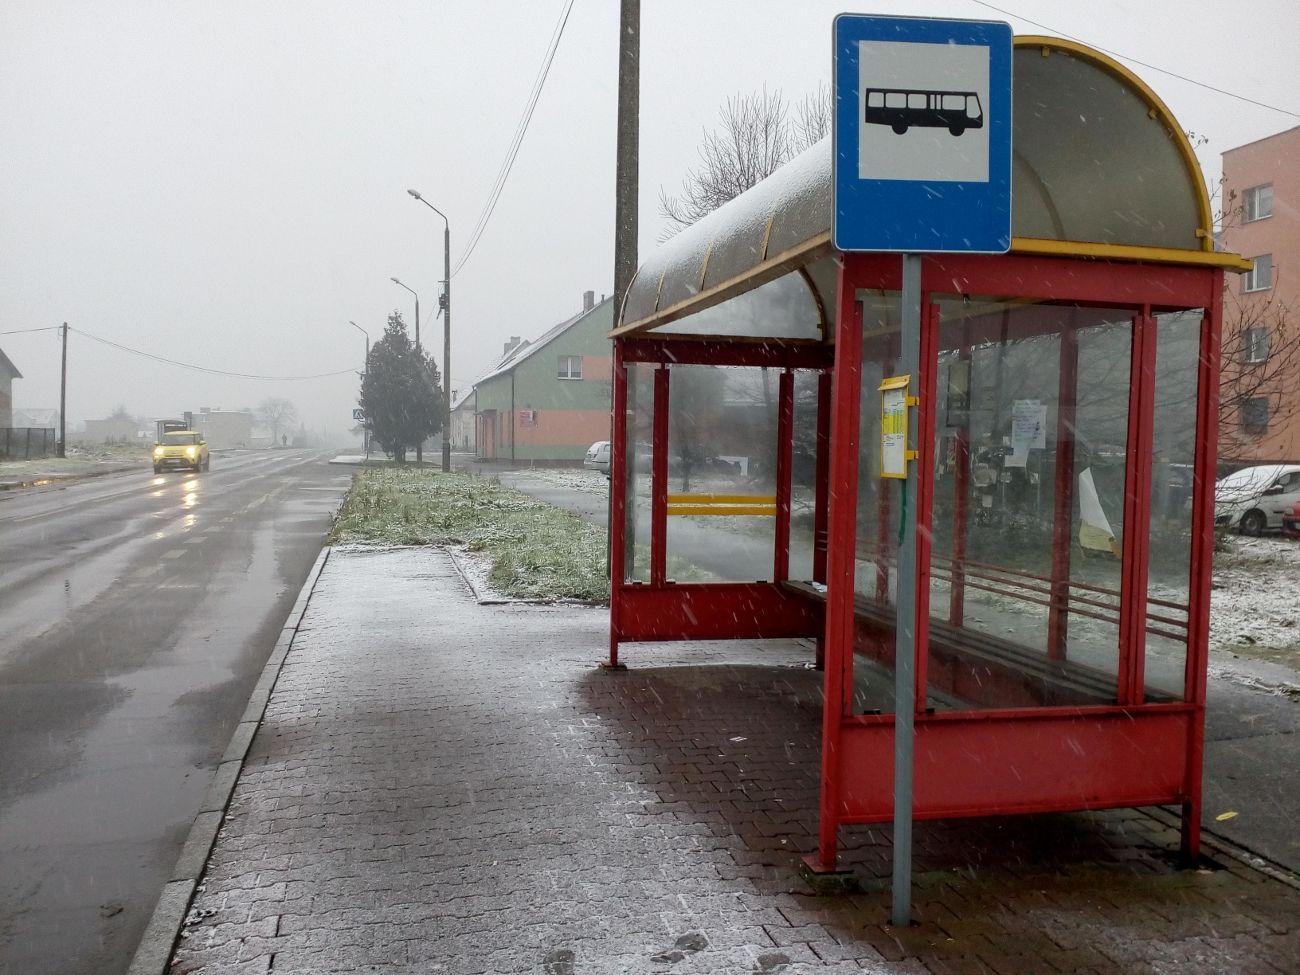 Wkrótce wrócą busy z Woli do Oświęcimia?